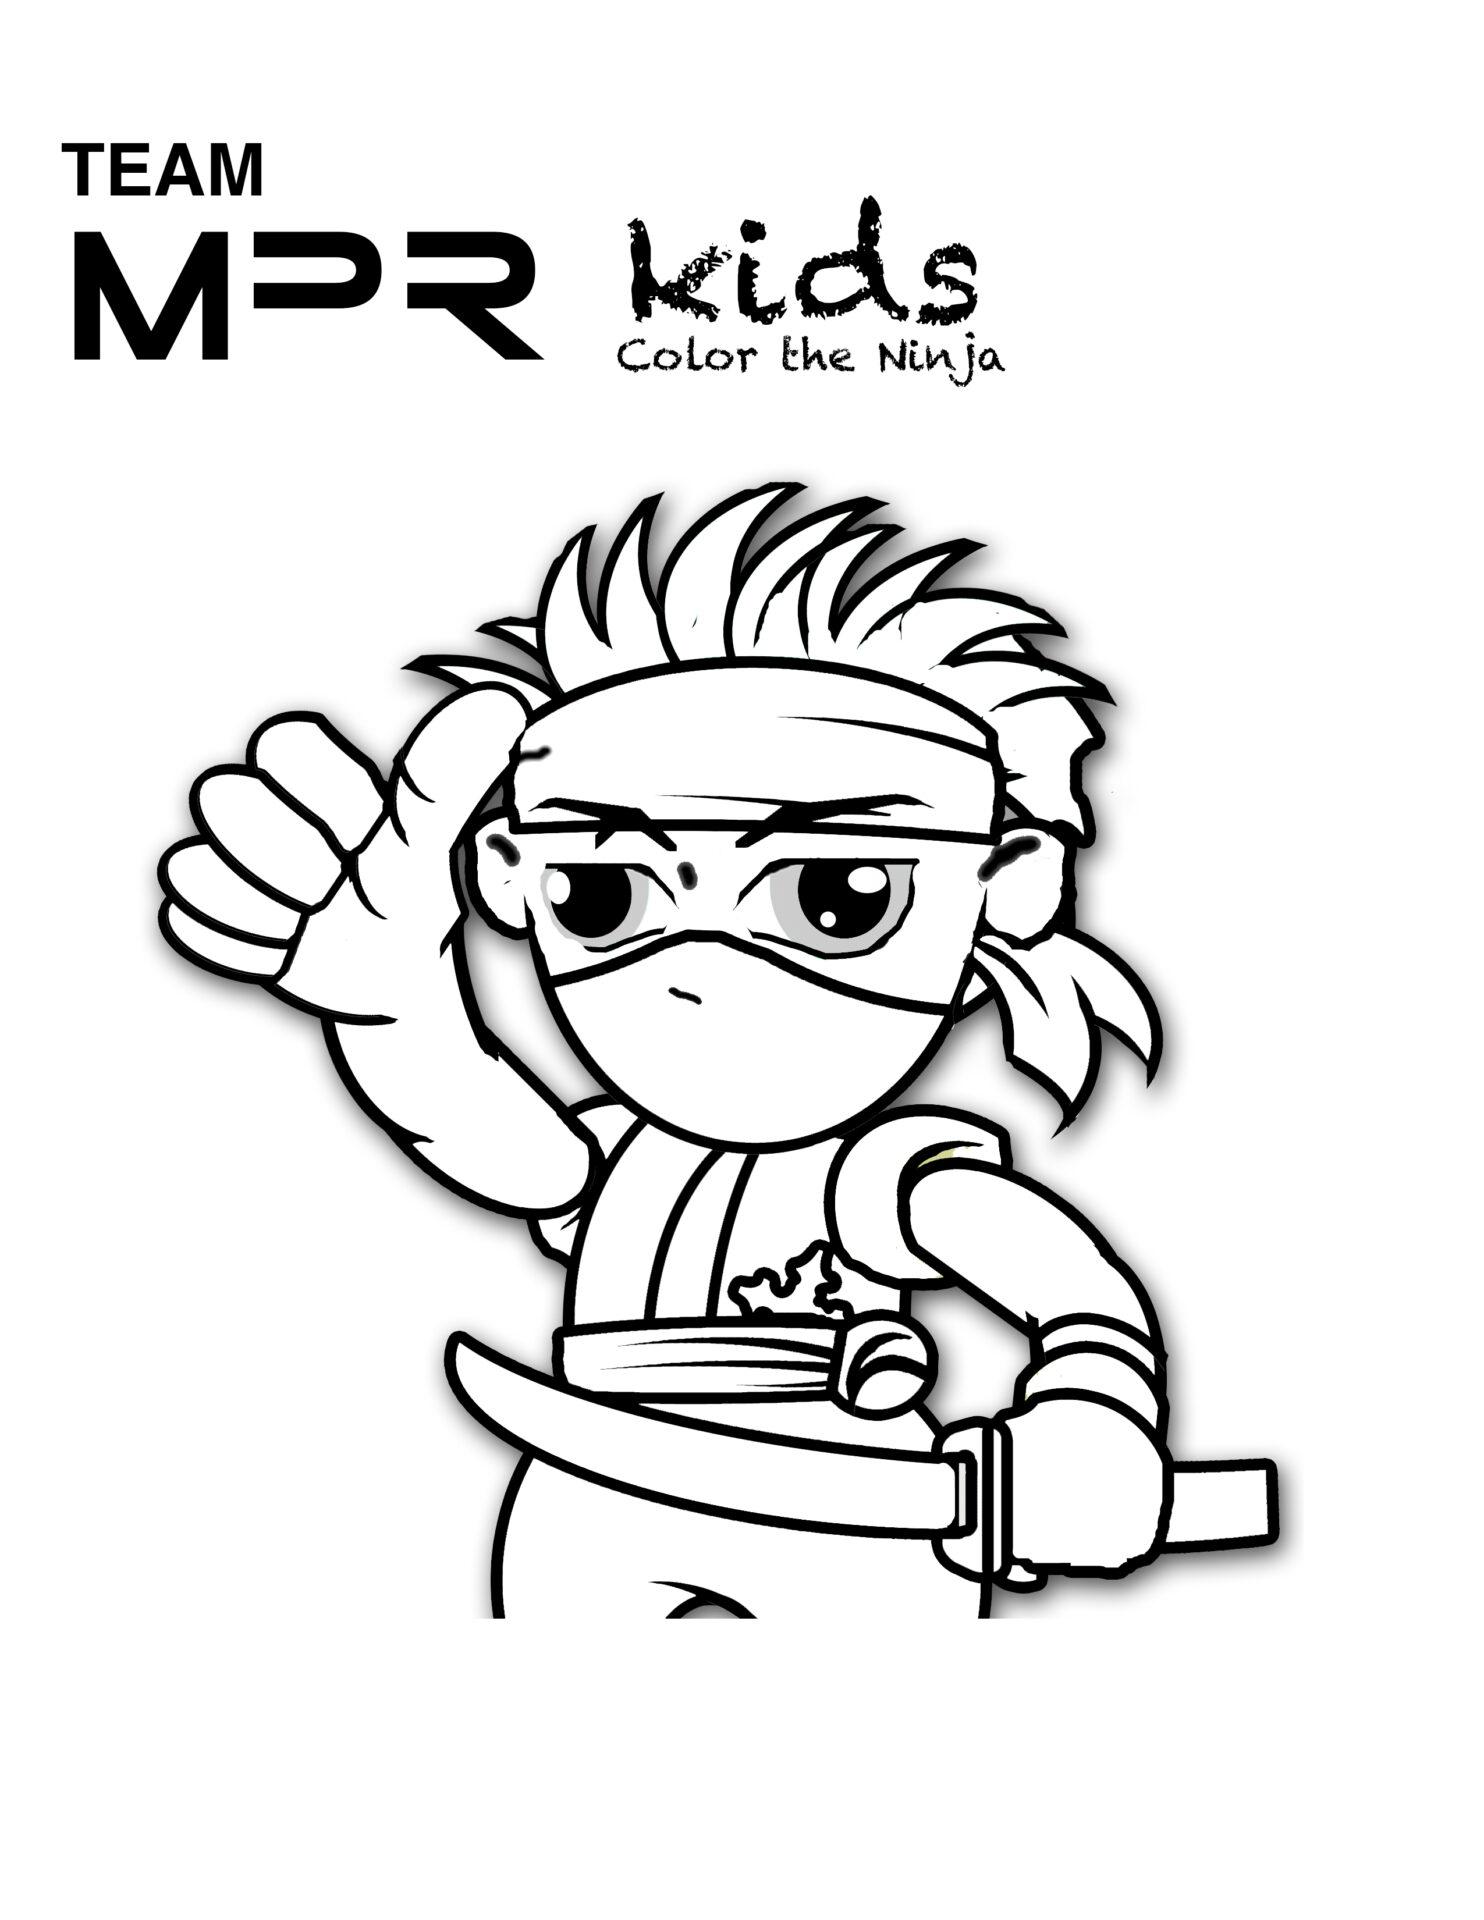 b5c2a7f35a88 MPR Ninja color